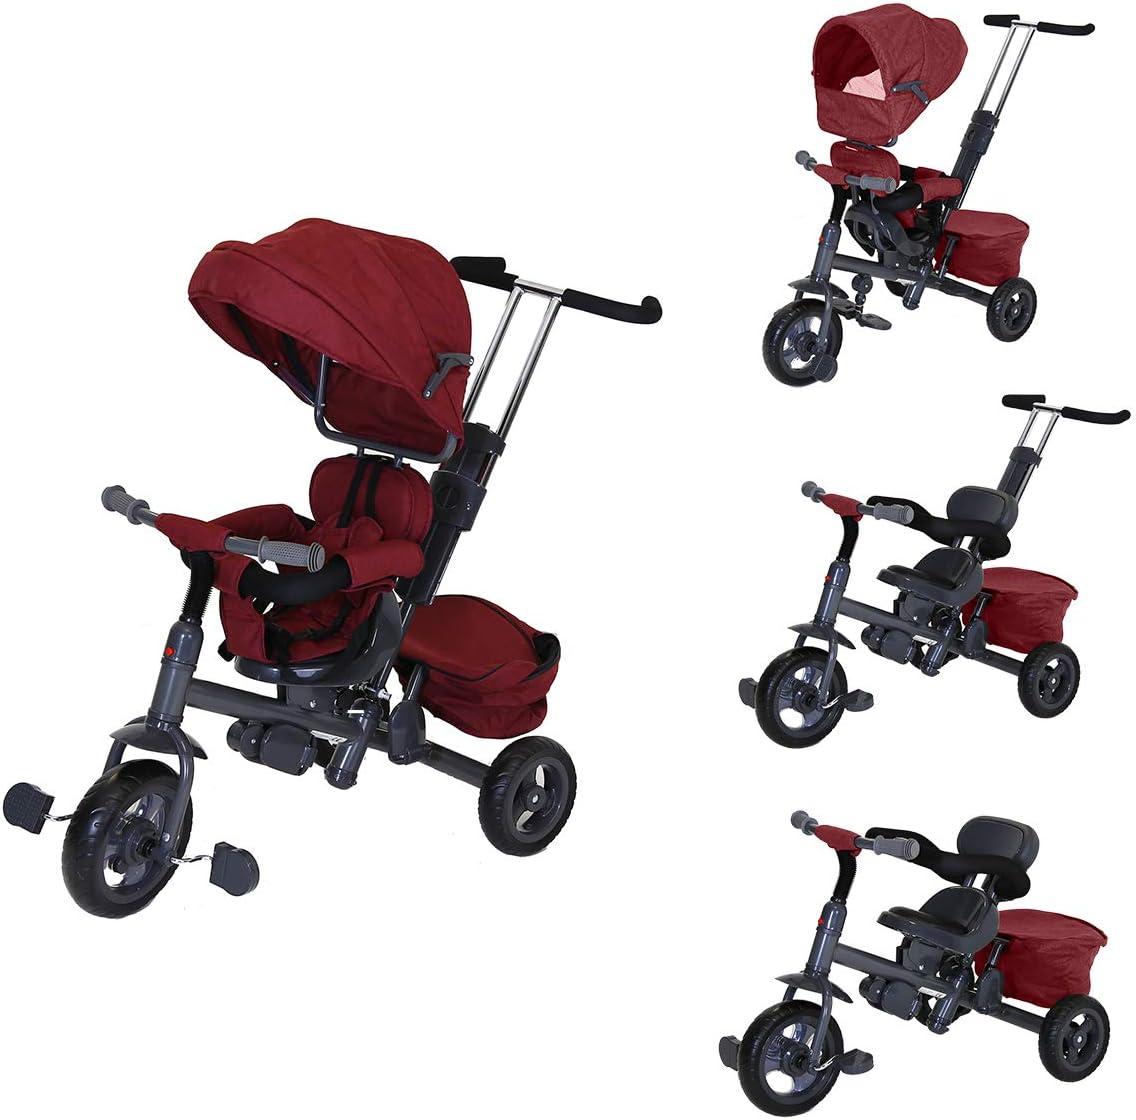 Charles Bentley Para Niños Triciclo 3 en 1 Estrella en Rojo con la Estructura del Asiento Reversible de Metal - Ligero